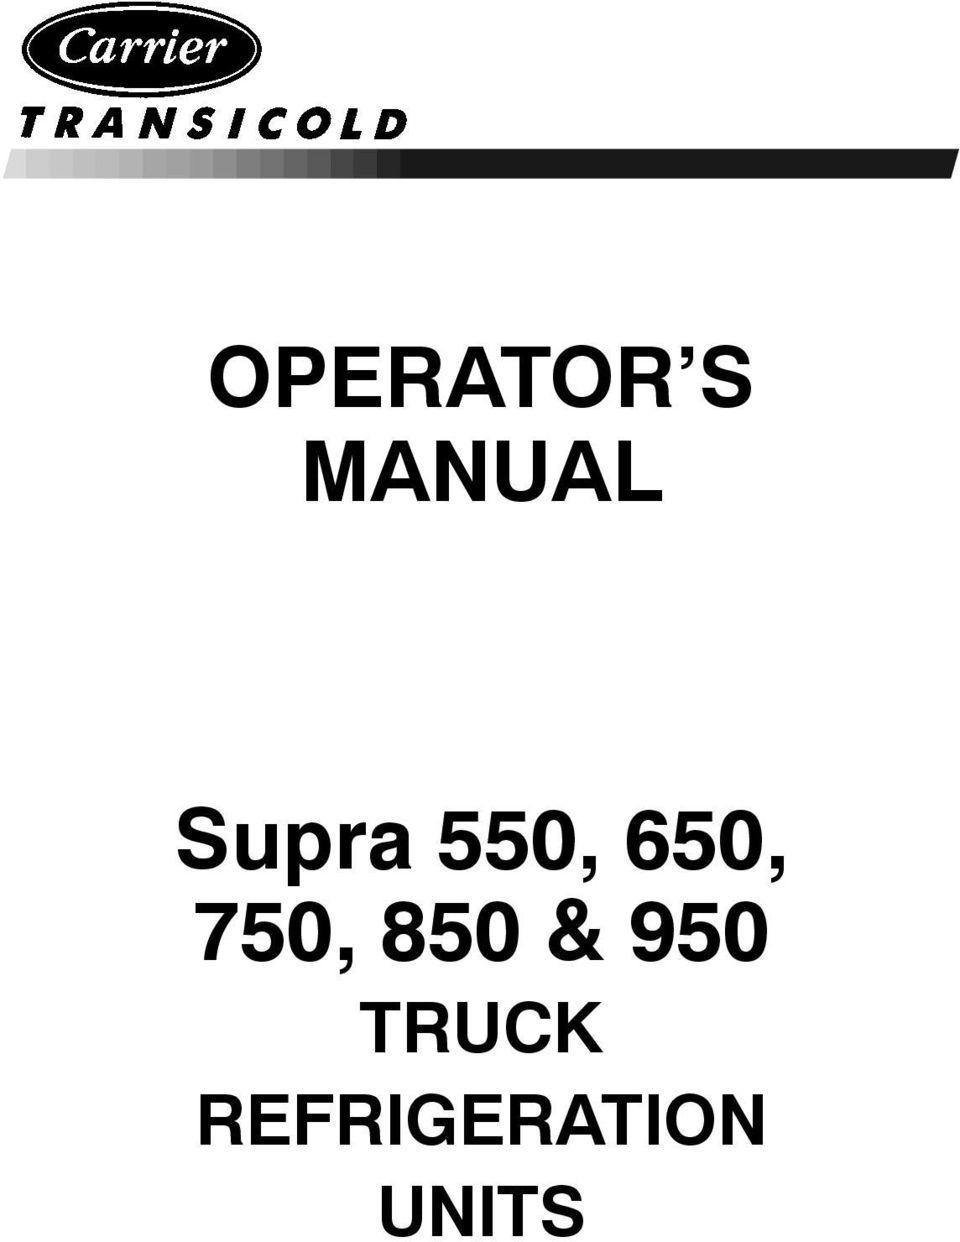 OPERATOR S MANUAL. Supra 550, 650, 750, 850 & 950 TRUCK